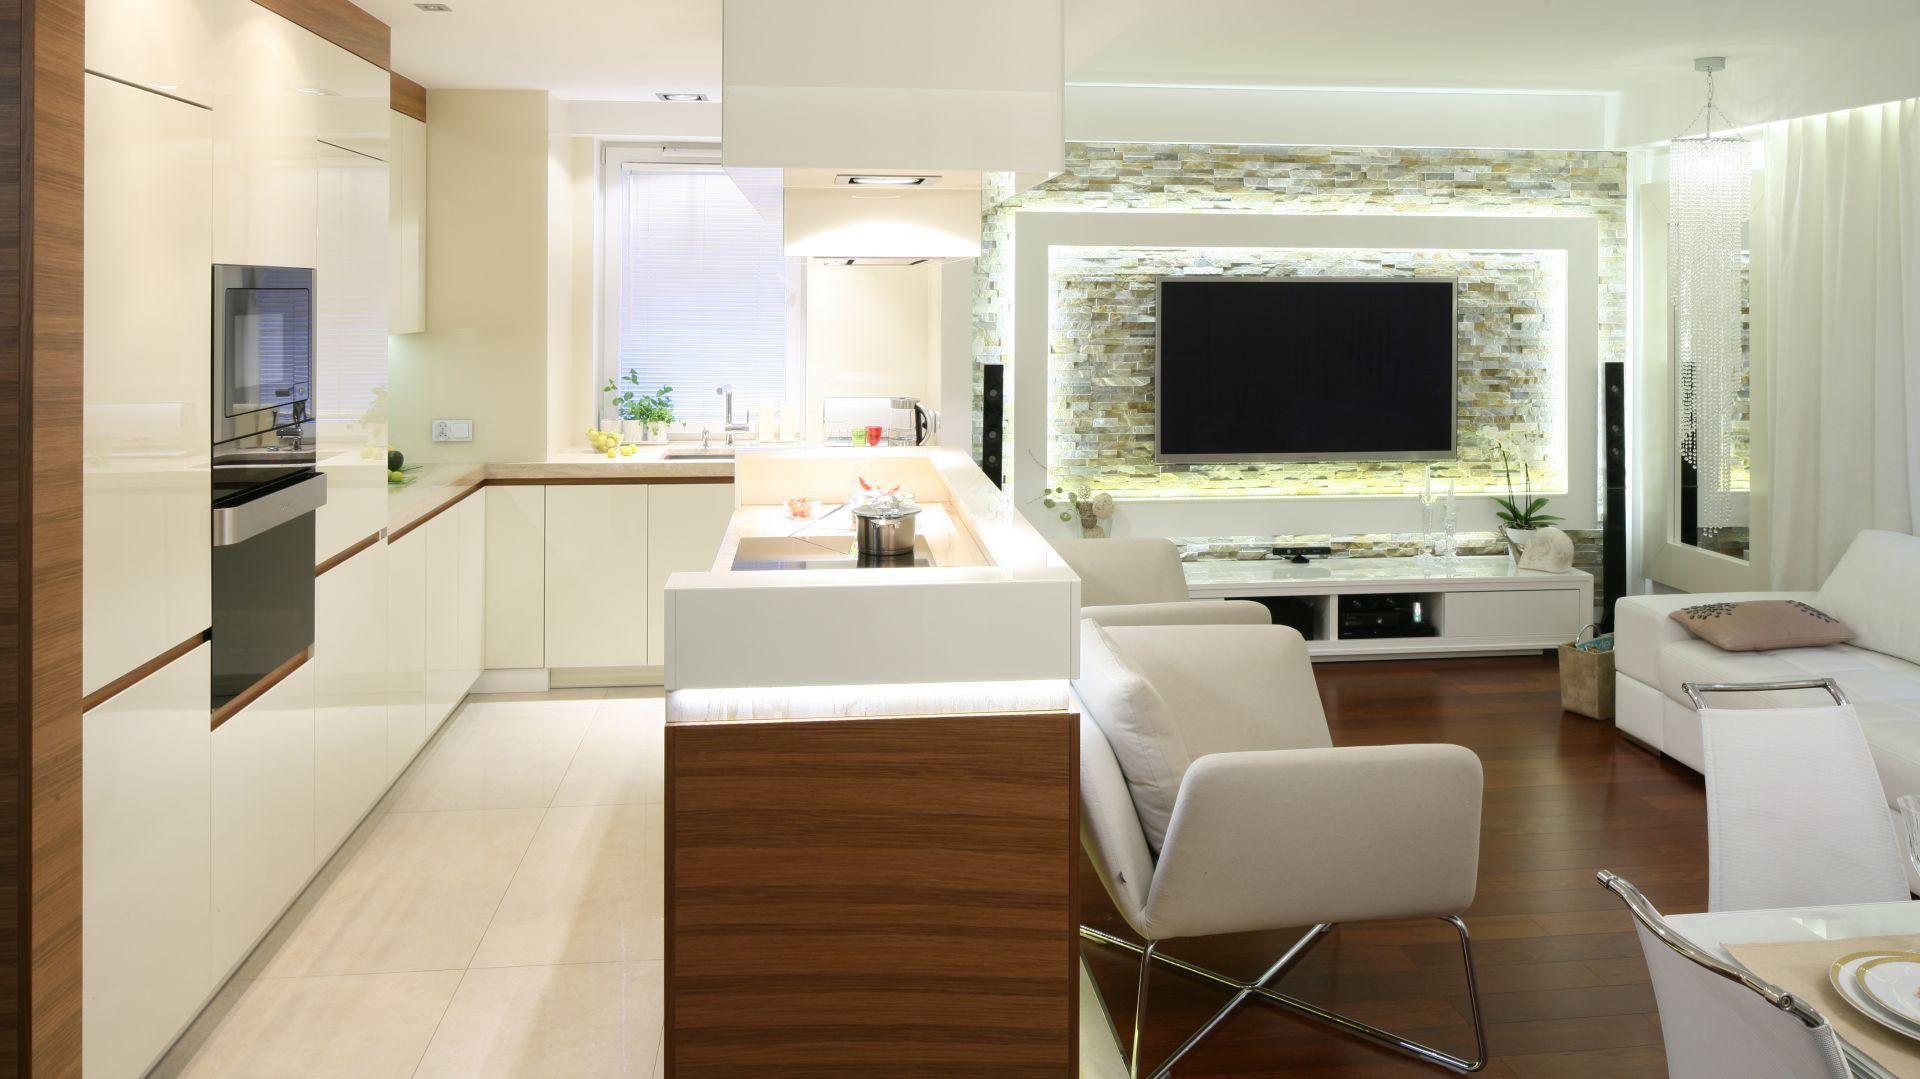 Salon i kuchnia mogą funkcjonować w doskonałej symbiozie. Wystarczy urządzić je w podobnej stylistyce, dzięki czemu pomieszczenie będzie spójne i harmonijne. Projekt; Małgorzata Mazur. Fot. Bartosz Jarosz.